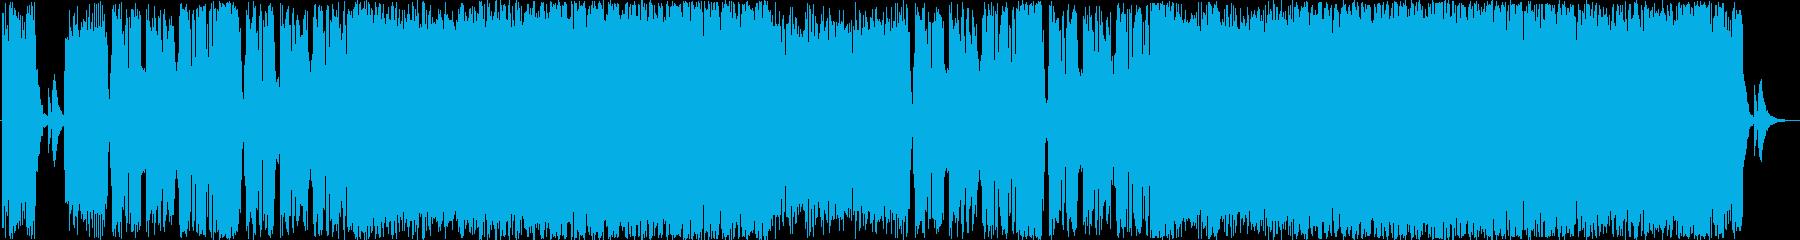 ダークな和風ヘヴィメタルの再生済みの波形